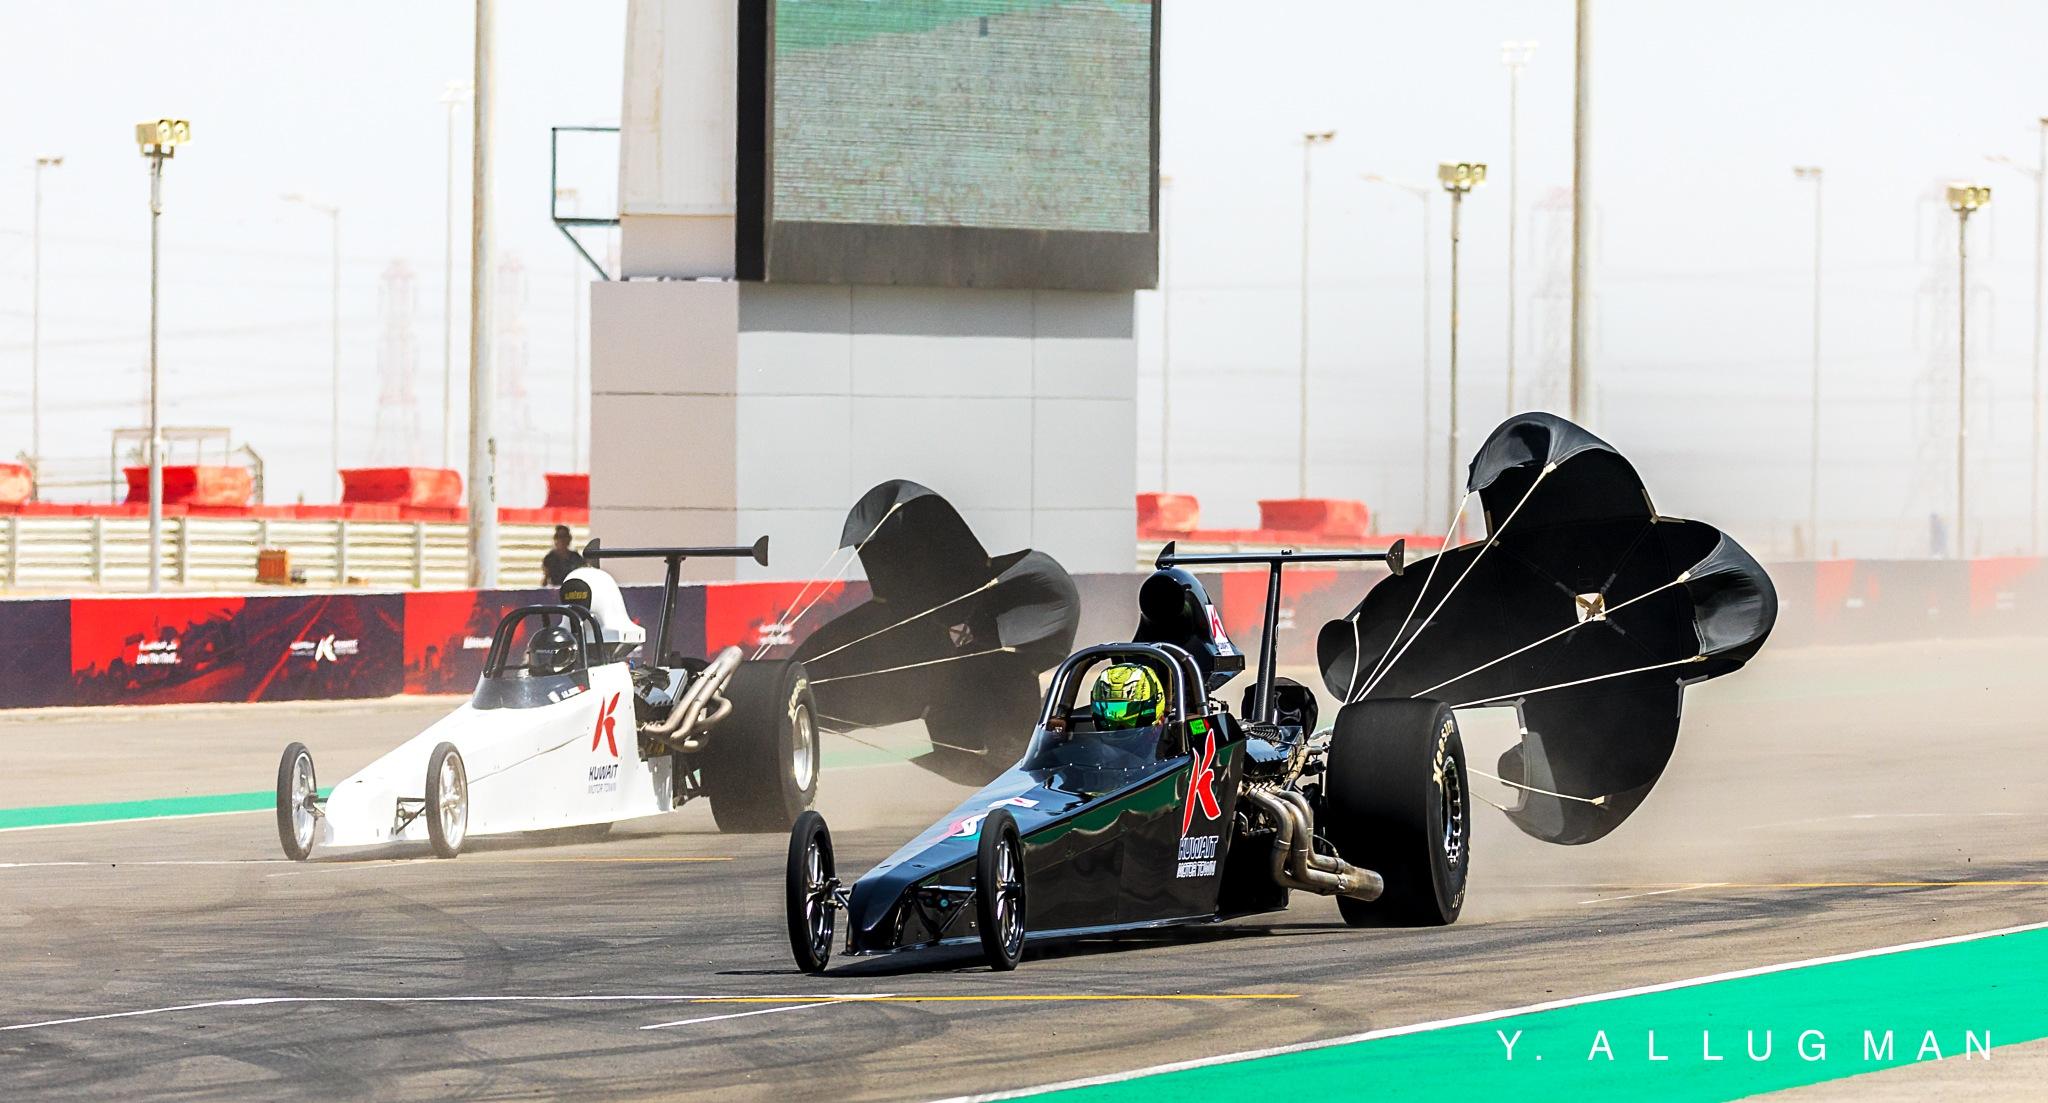 Car racing 1 by Y.Allugman